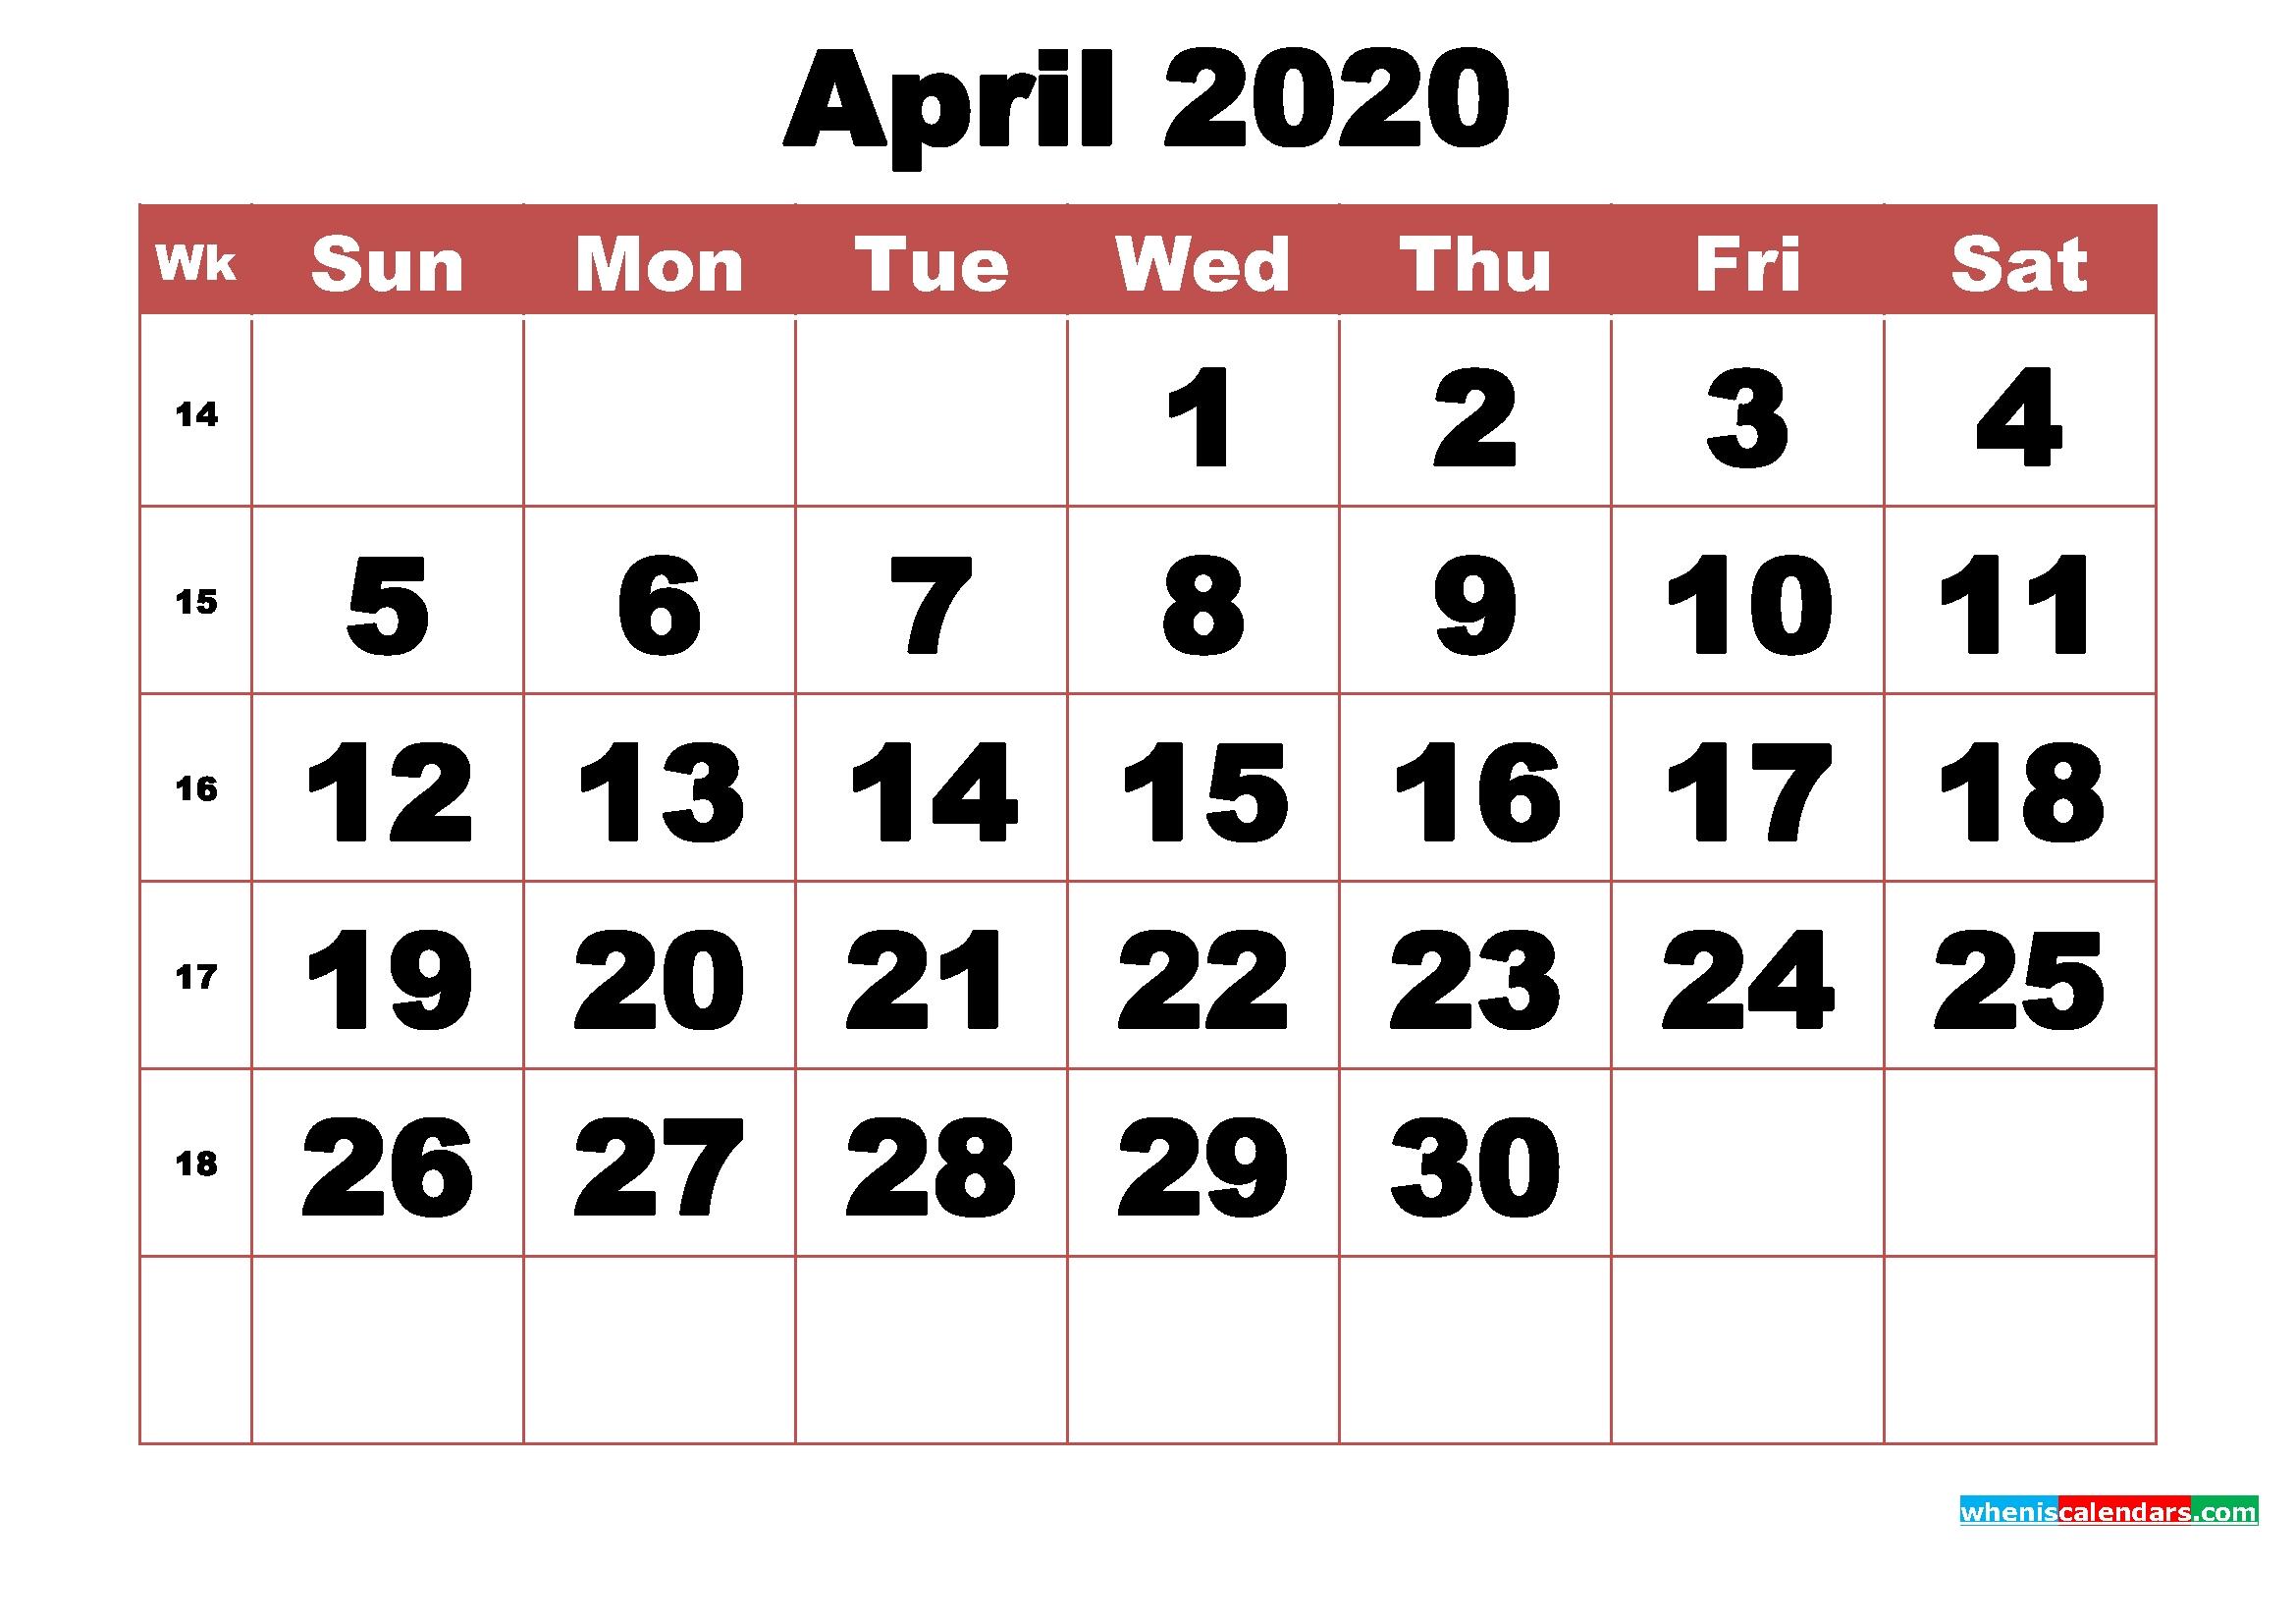 Free Printable April 2020 Calendar With Week Numbers | Free Printable 2020 Calendar With Holidays